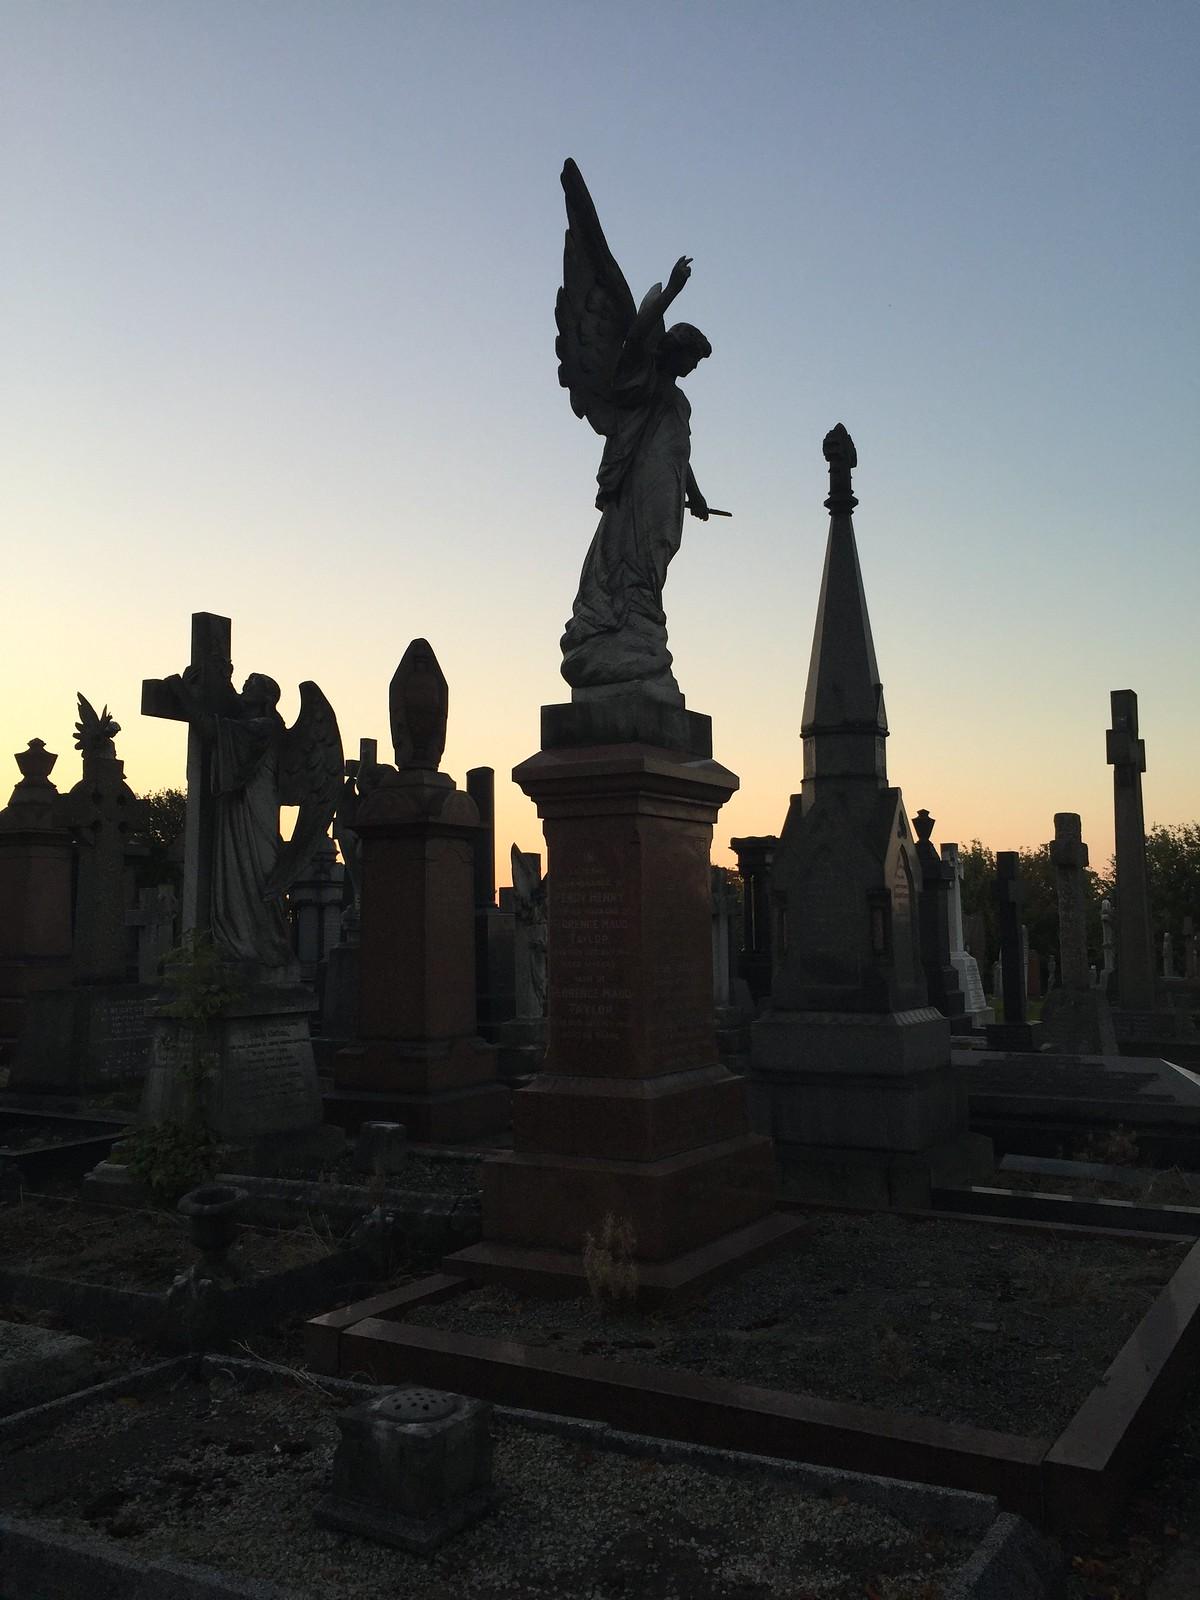 Durée enterrement